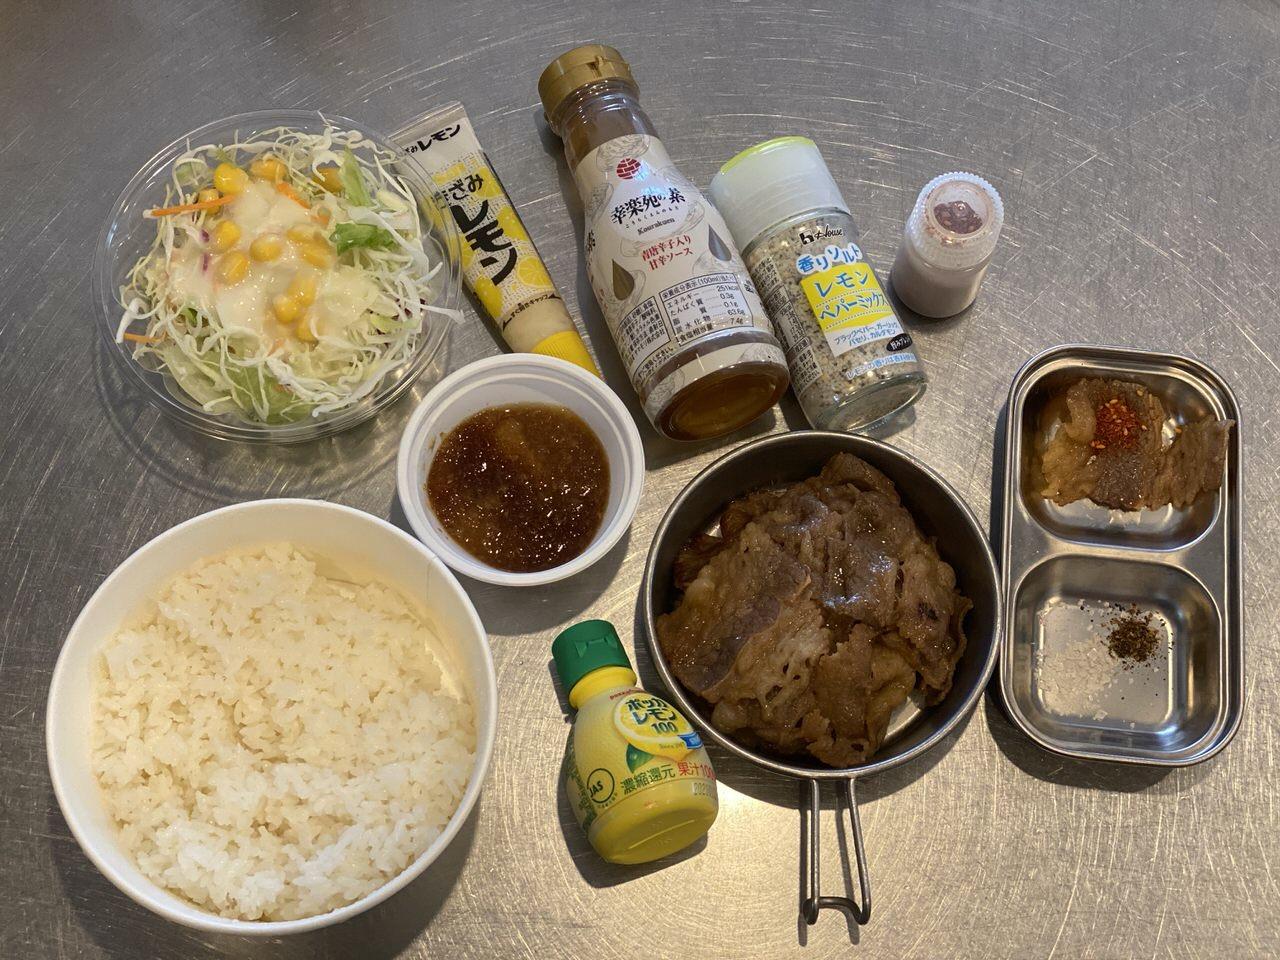 【松屋】カルビ焼肉33%増量は何グラム?7